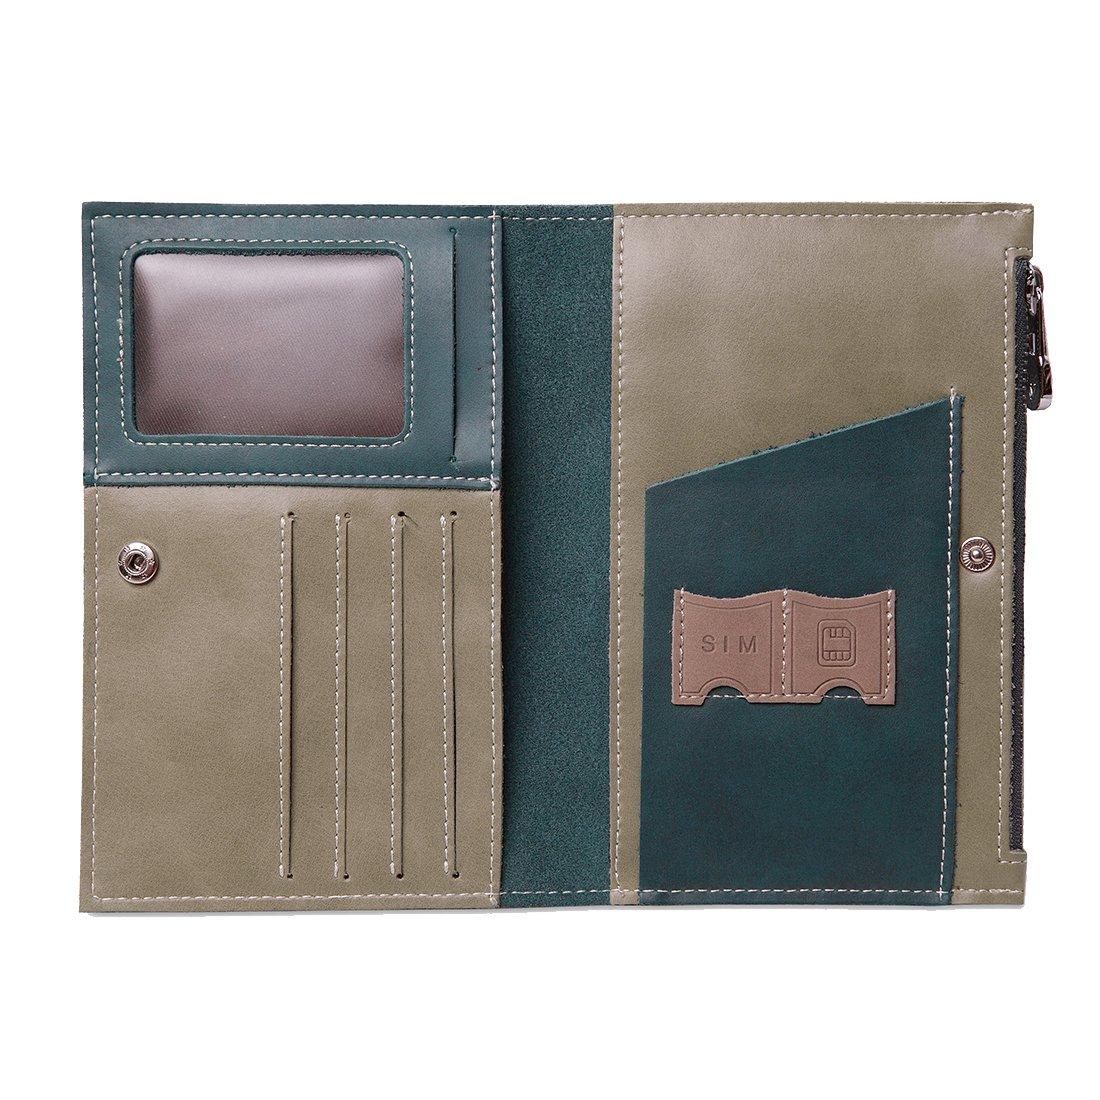 HGDGears Leder Reisepasshülle,Ultra Schlank Reisebrieftasche Reisepassetui Passport mit RFID Blocker (Blau)